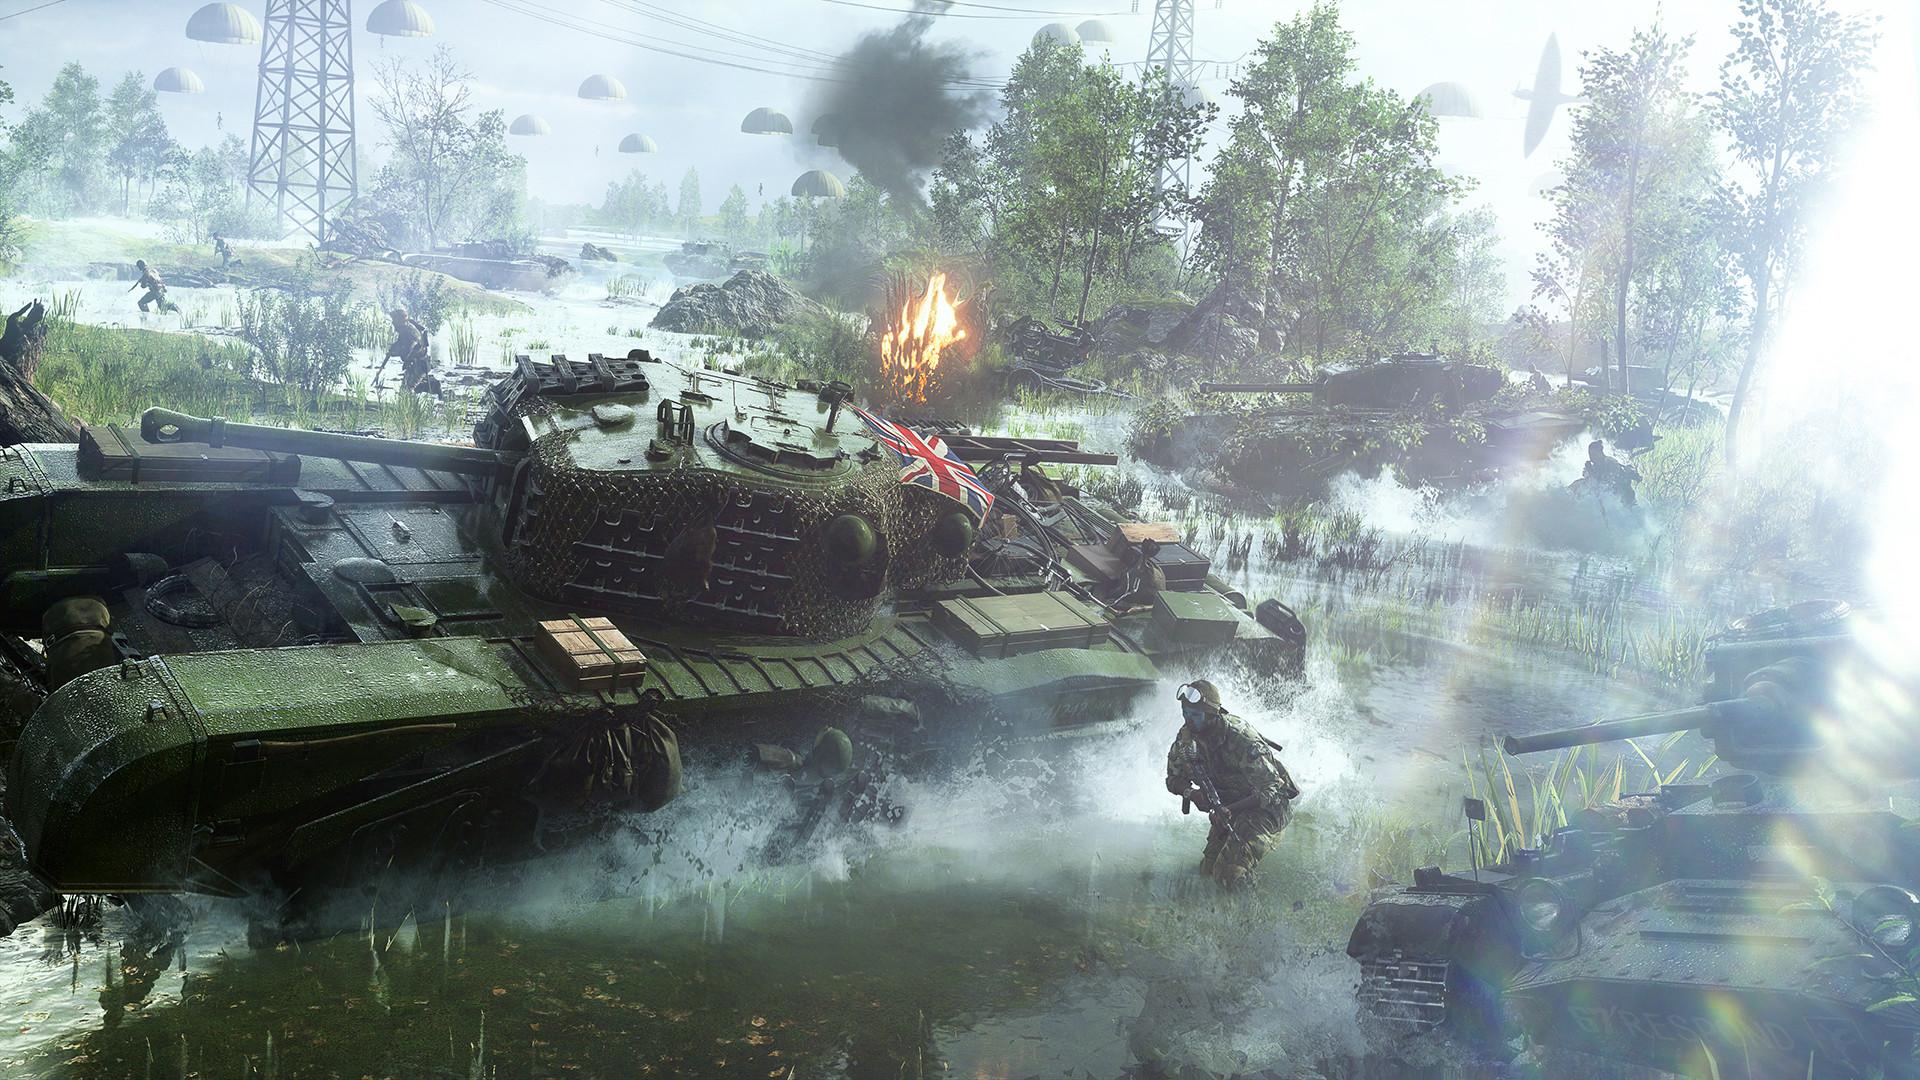 《战地5》Steam开启免费试玩 终极版降价90% 只需22元